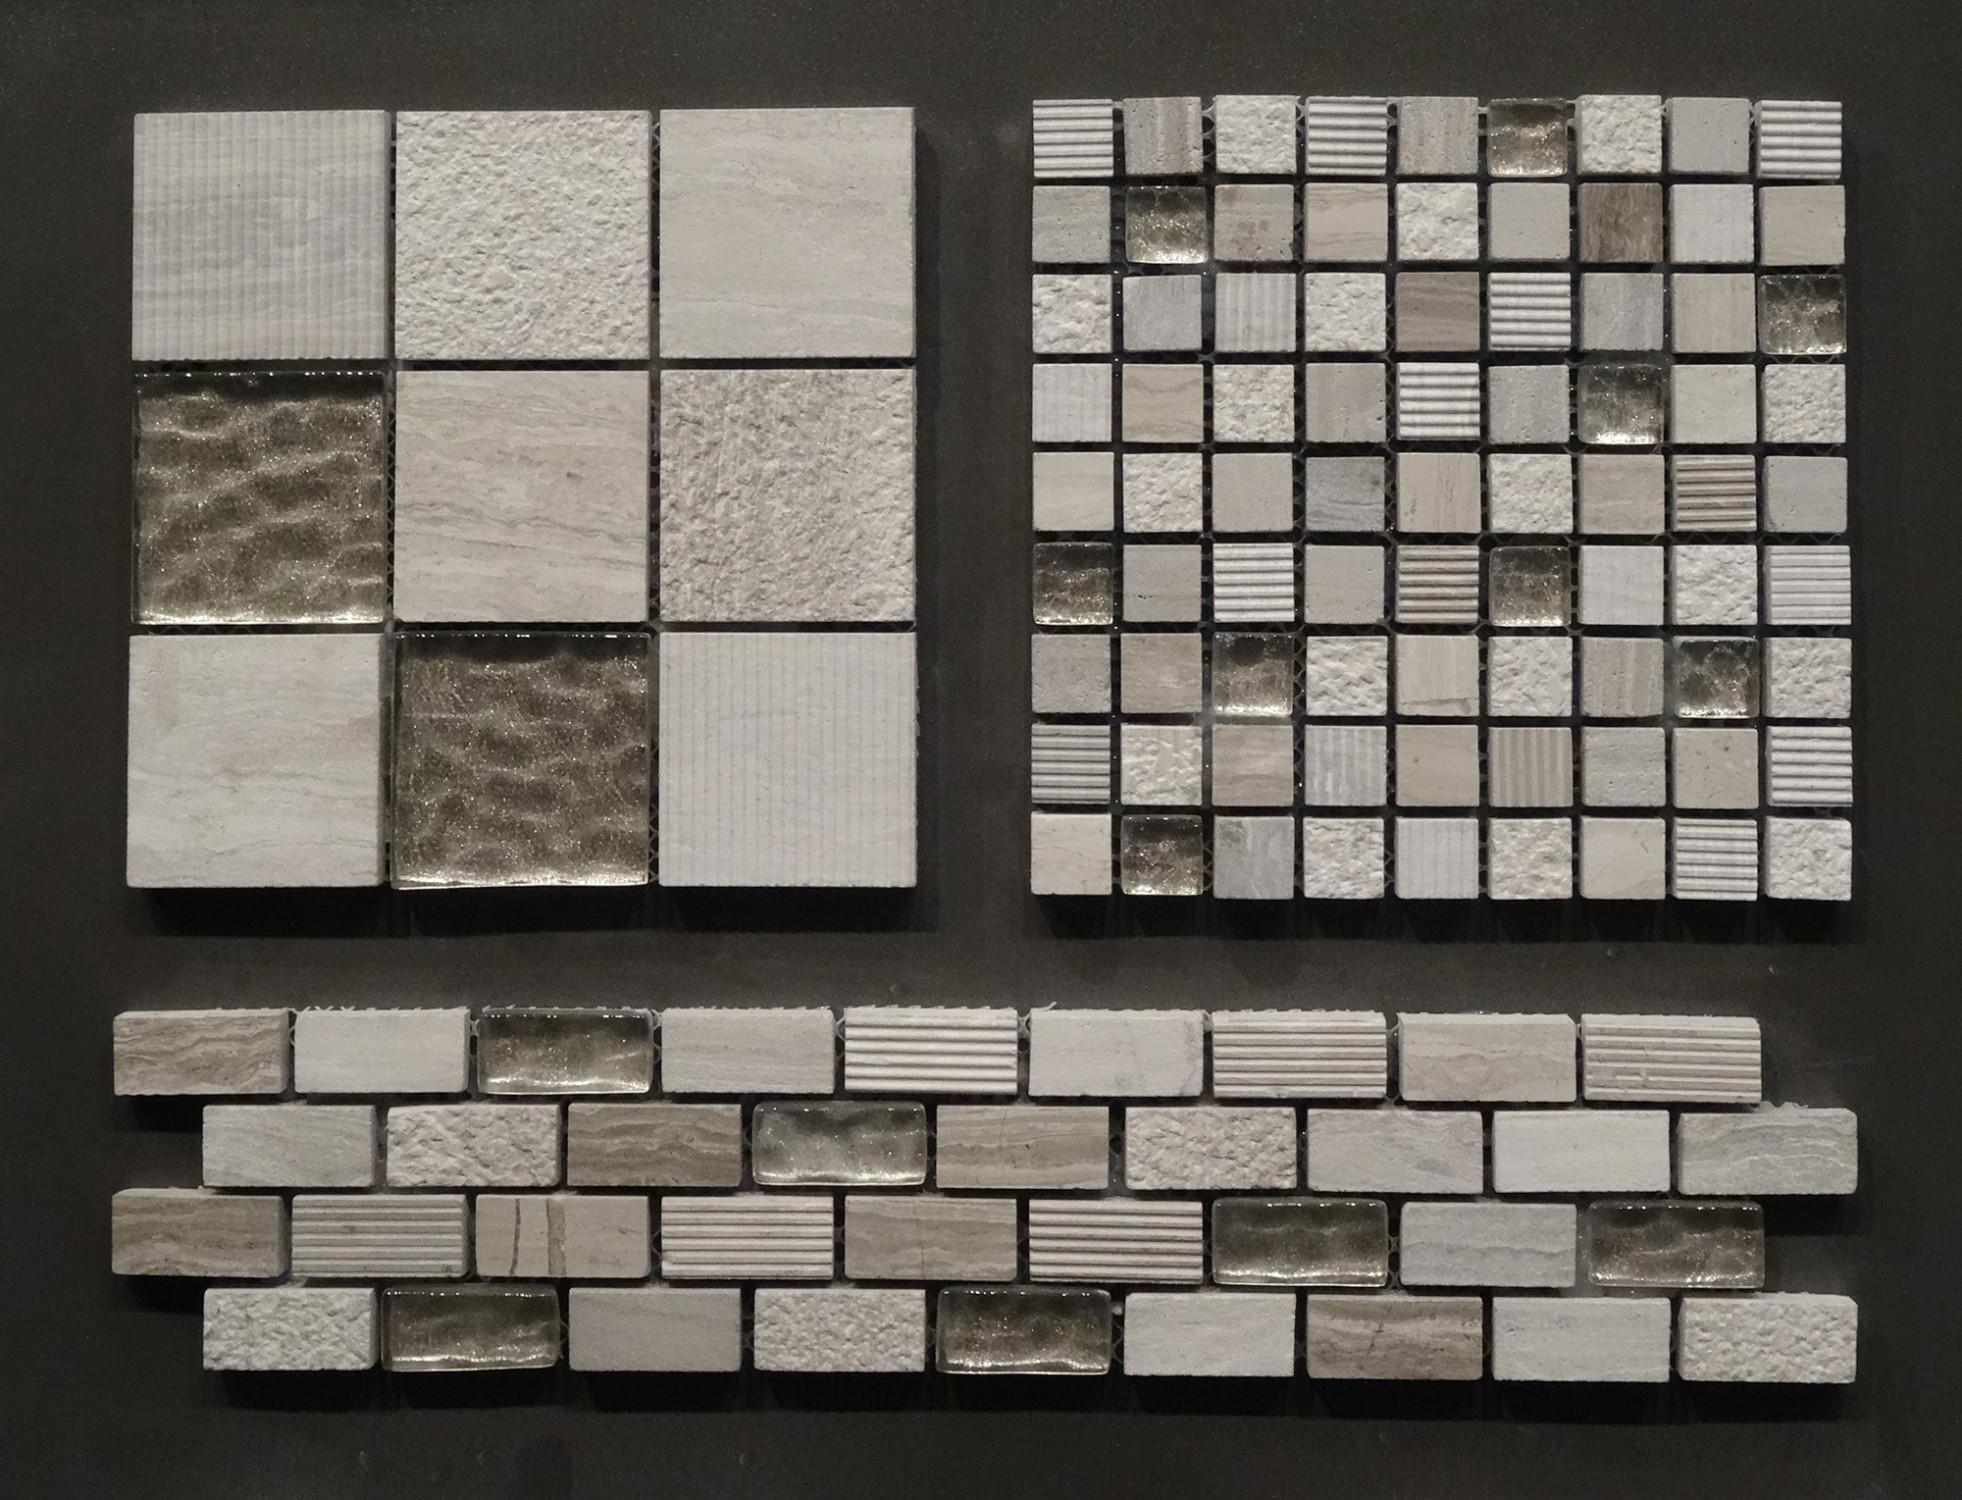 mosaik kunst bisazza verkleidung, mosaikfliesen | fliesen und platten | glossar a-z | baunetz_wissen, Design ideen